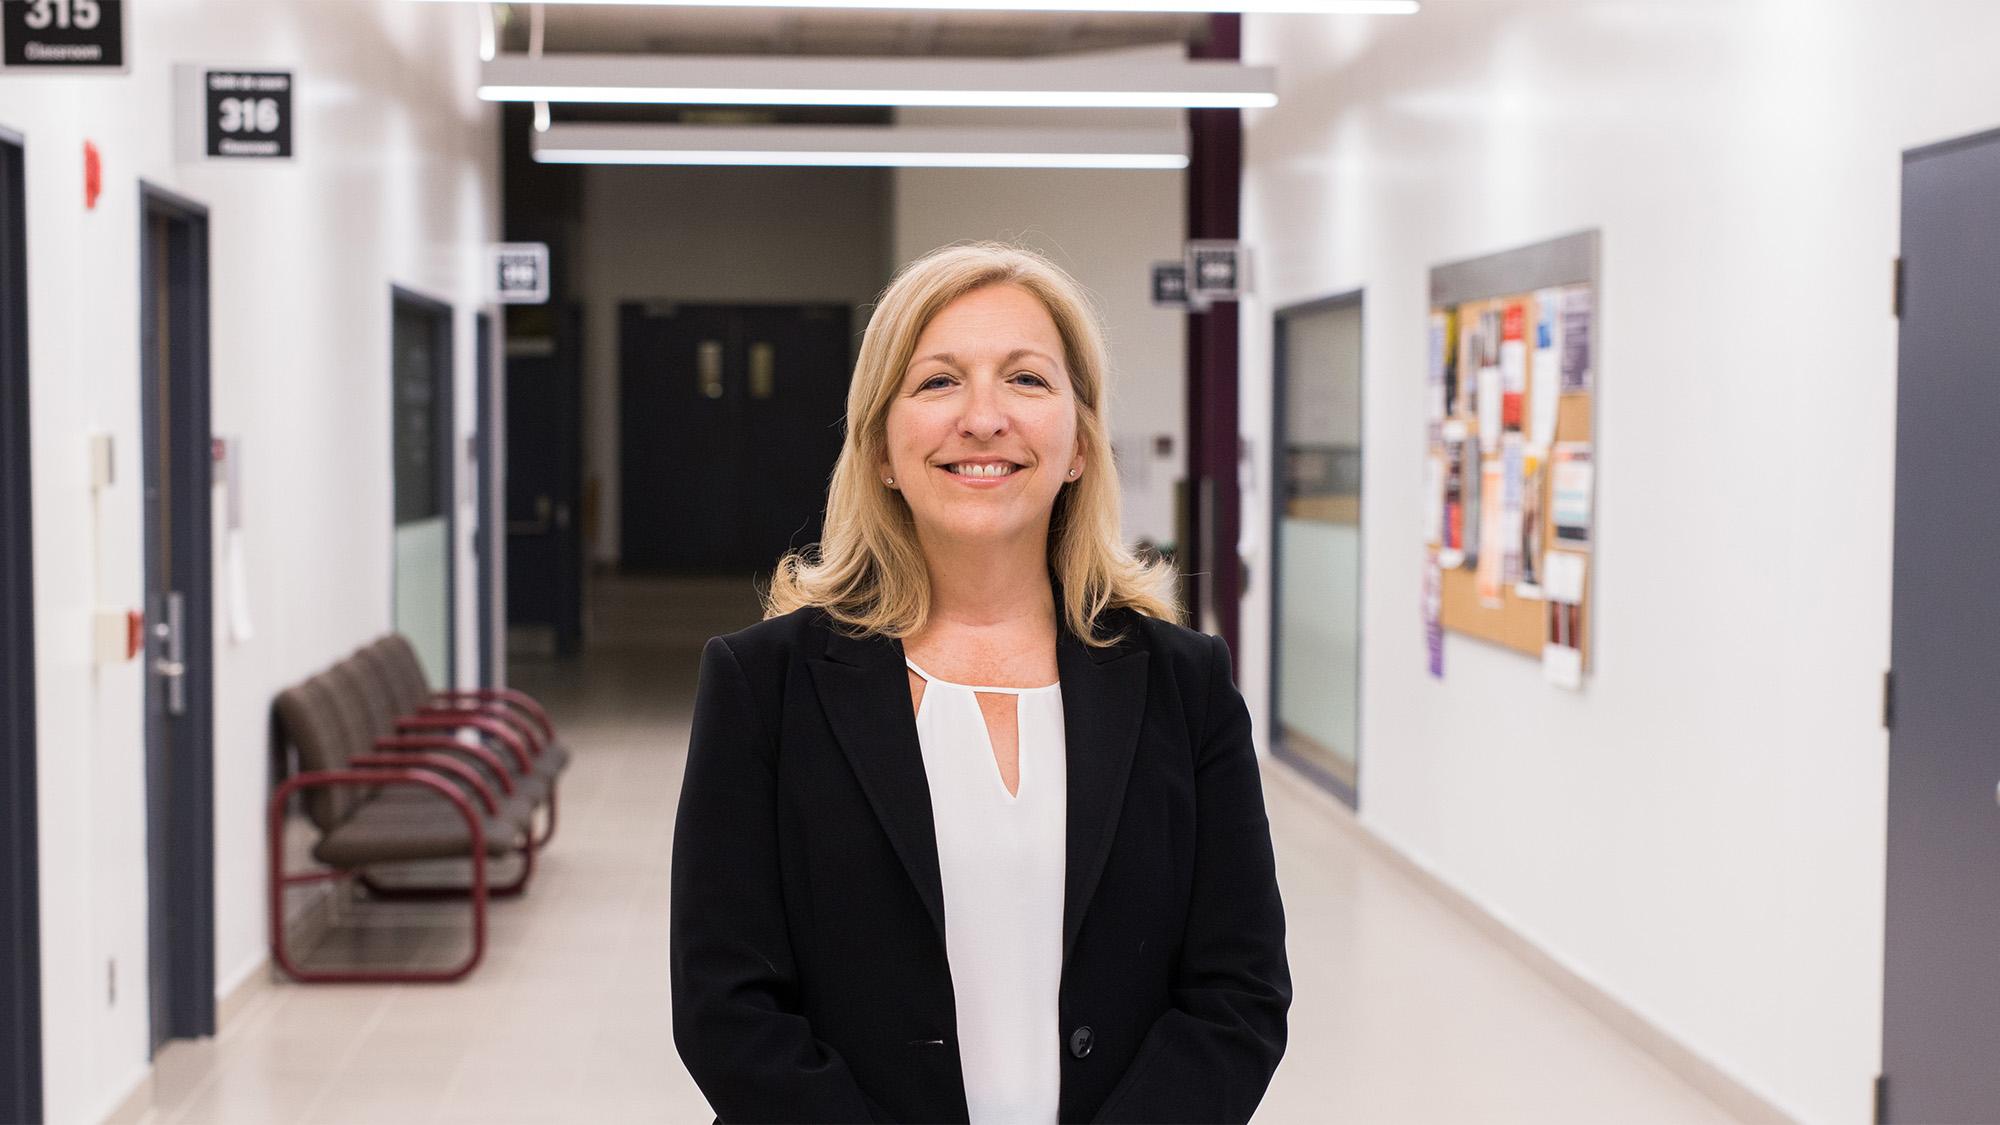 Michelle Giroux dans un couloir